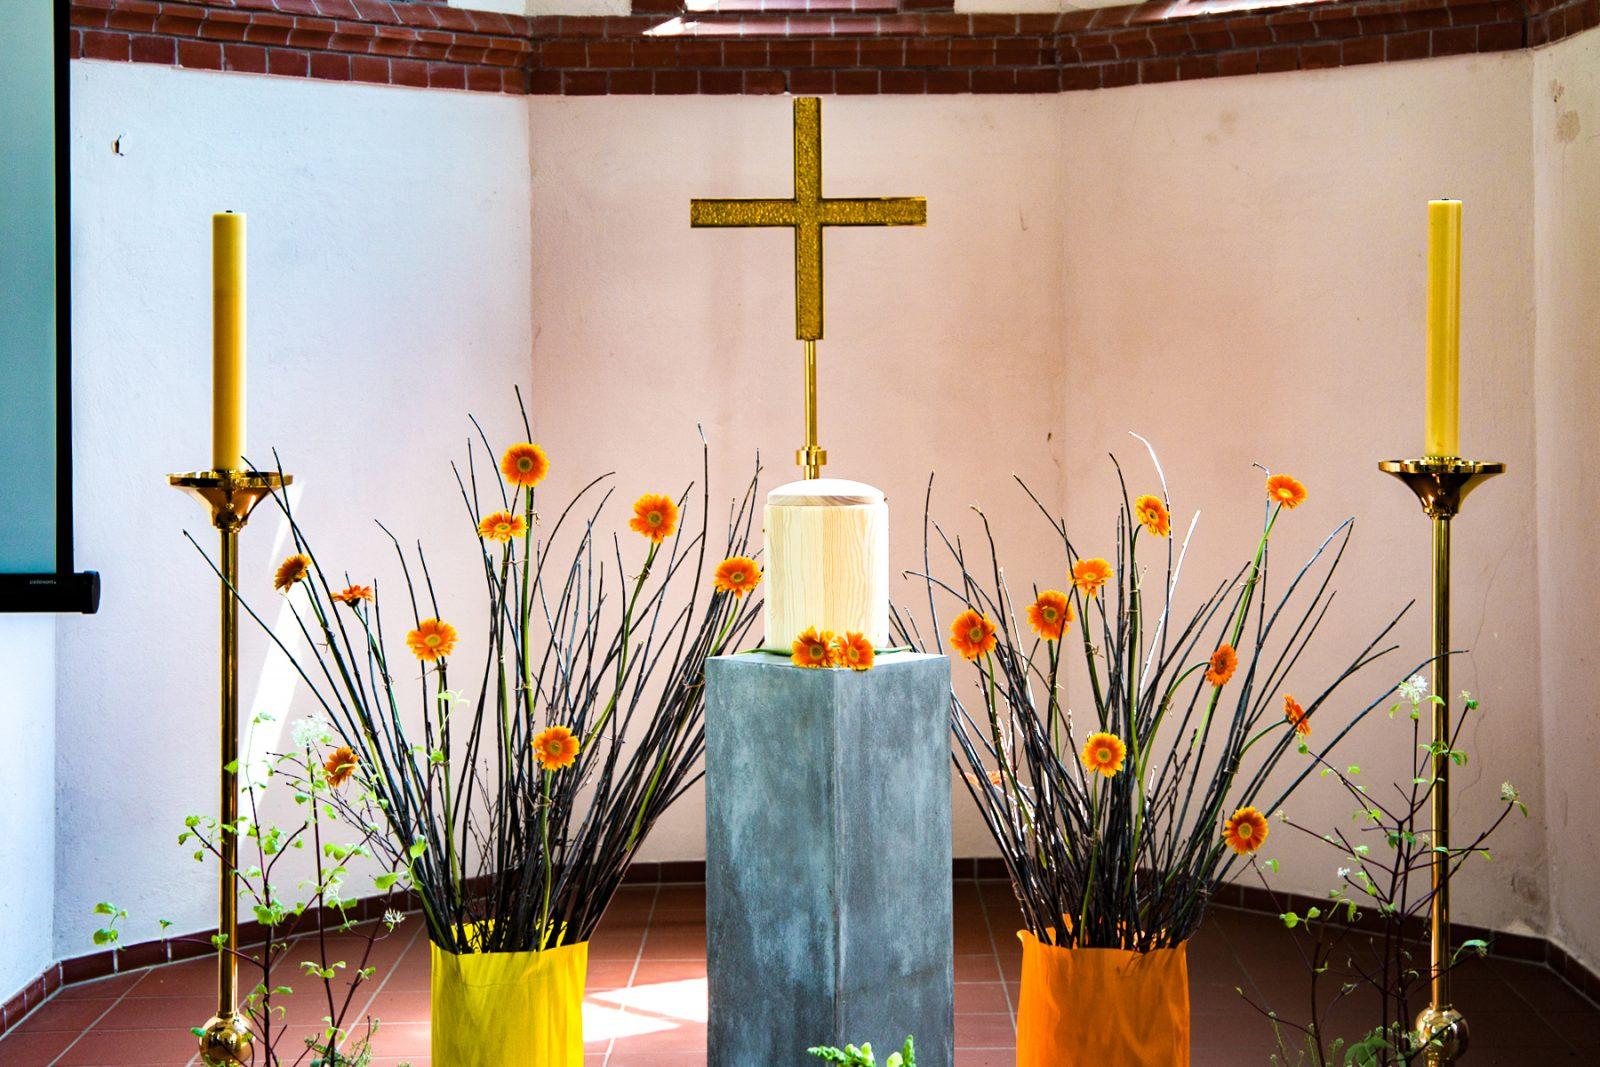 Corona und Bestattungen: Dürfen Bestattungen bald nur noch in engem Kreis stattfinden? Foto: Eric Wrede